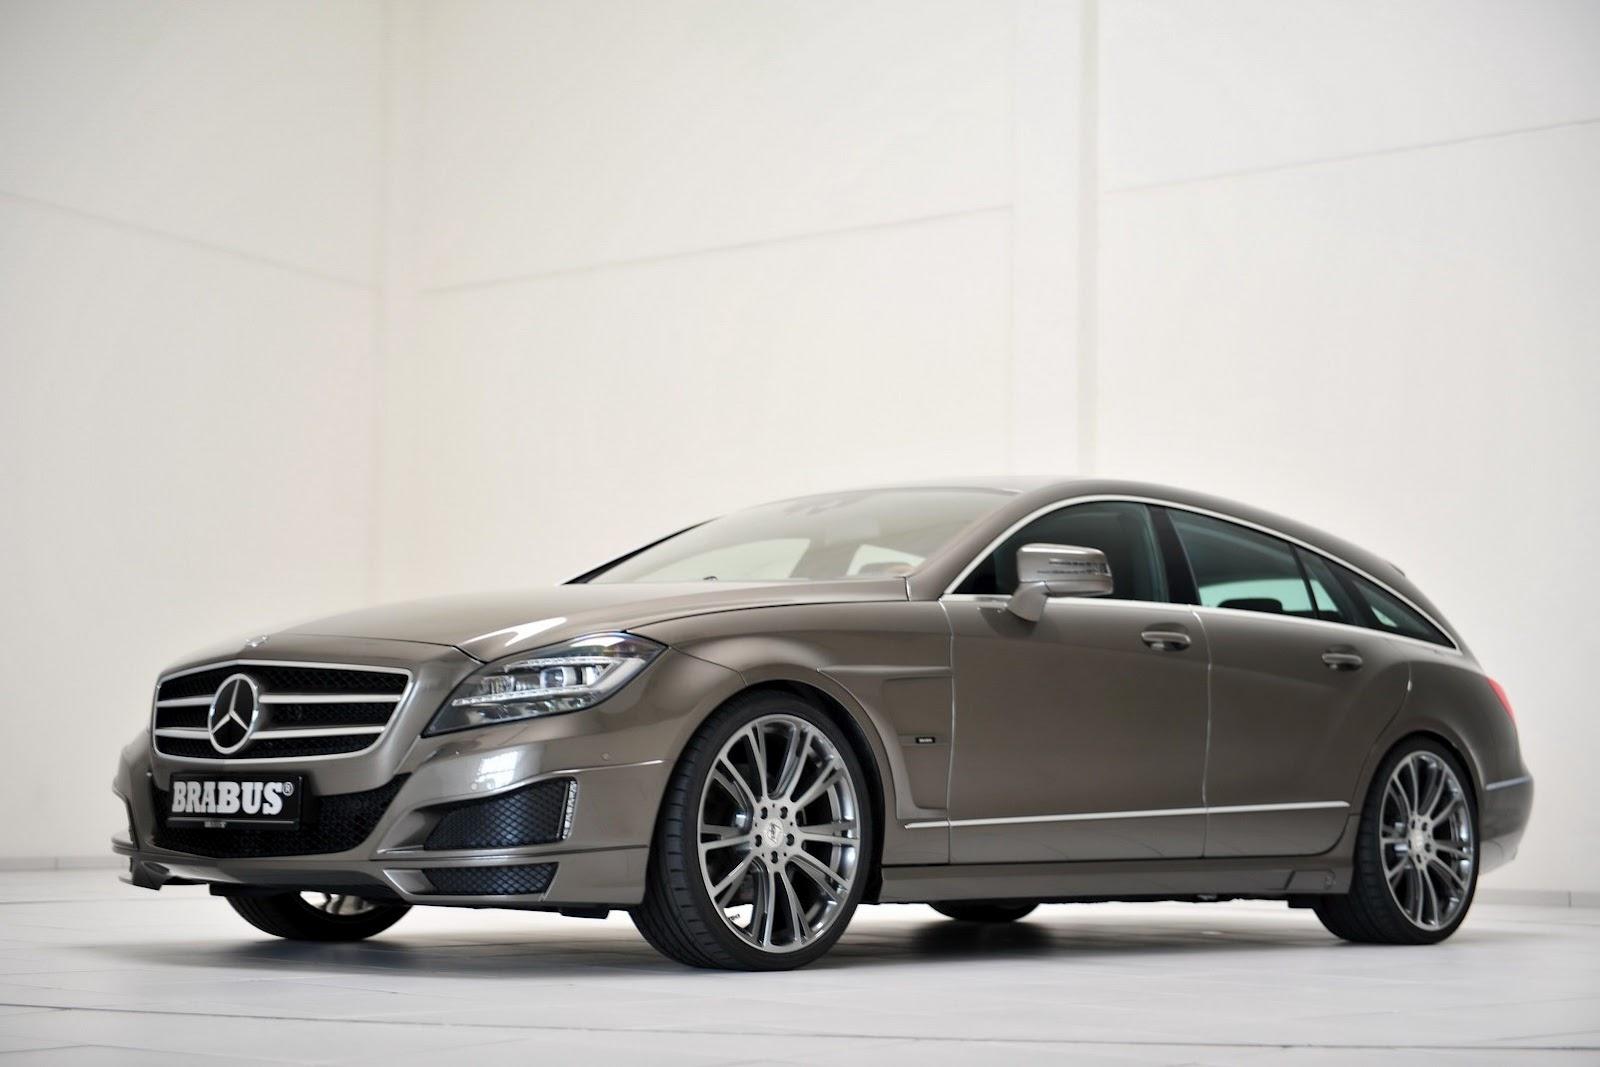 http://1.bp.blogspot.com/-sPDBIdfmcmg/UH-qr6oGDVI/AAAAAAAABCk/_6U6yKVH6dI/s1600/Brabus+Mercedes-Benz+CLS+SB+HD+Wallpaper.jpg